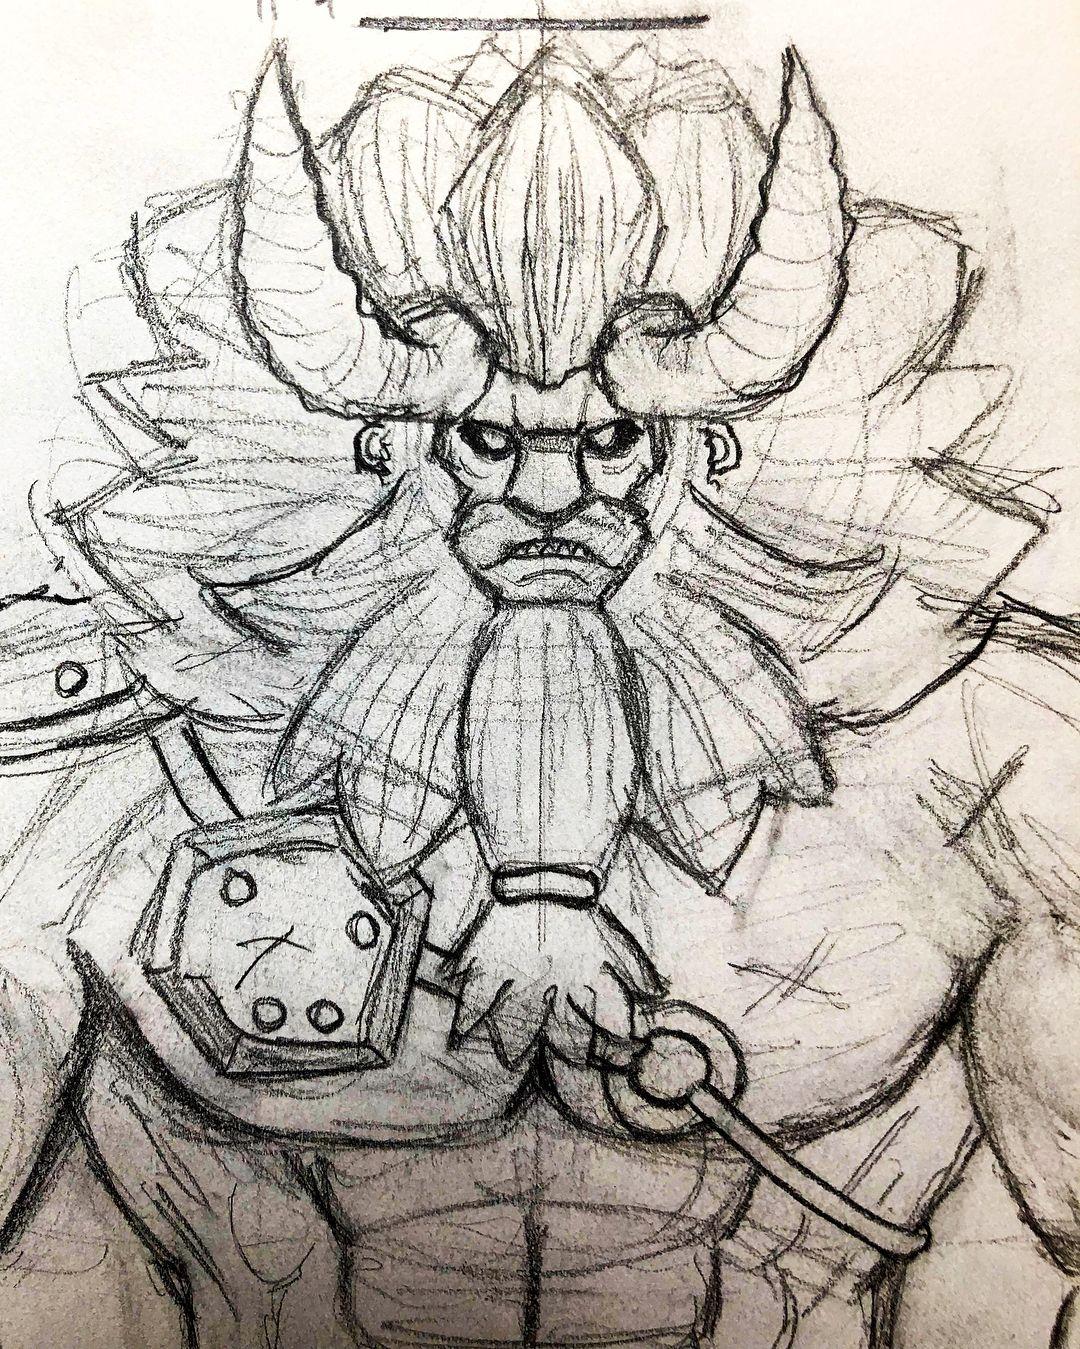 Pin By Thescarredhorn On Legend Of Zelda Sketch Book Zelda Memes Artwork